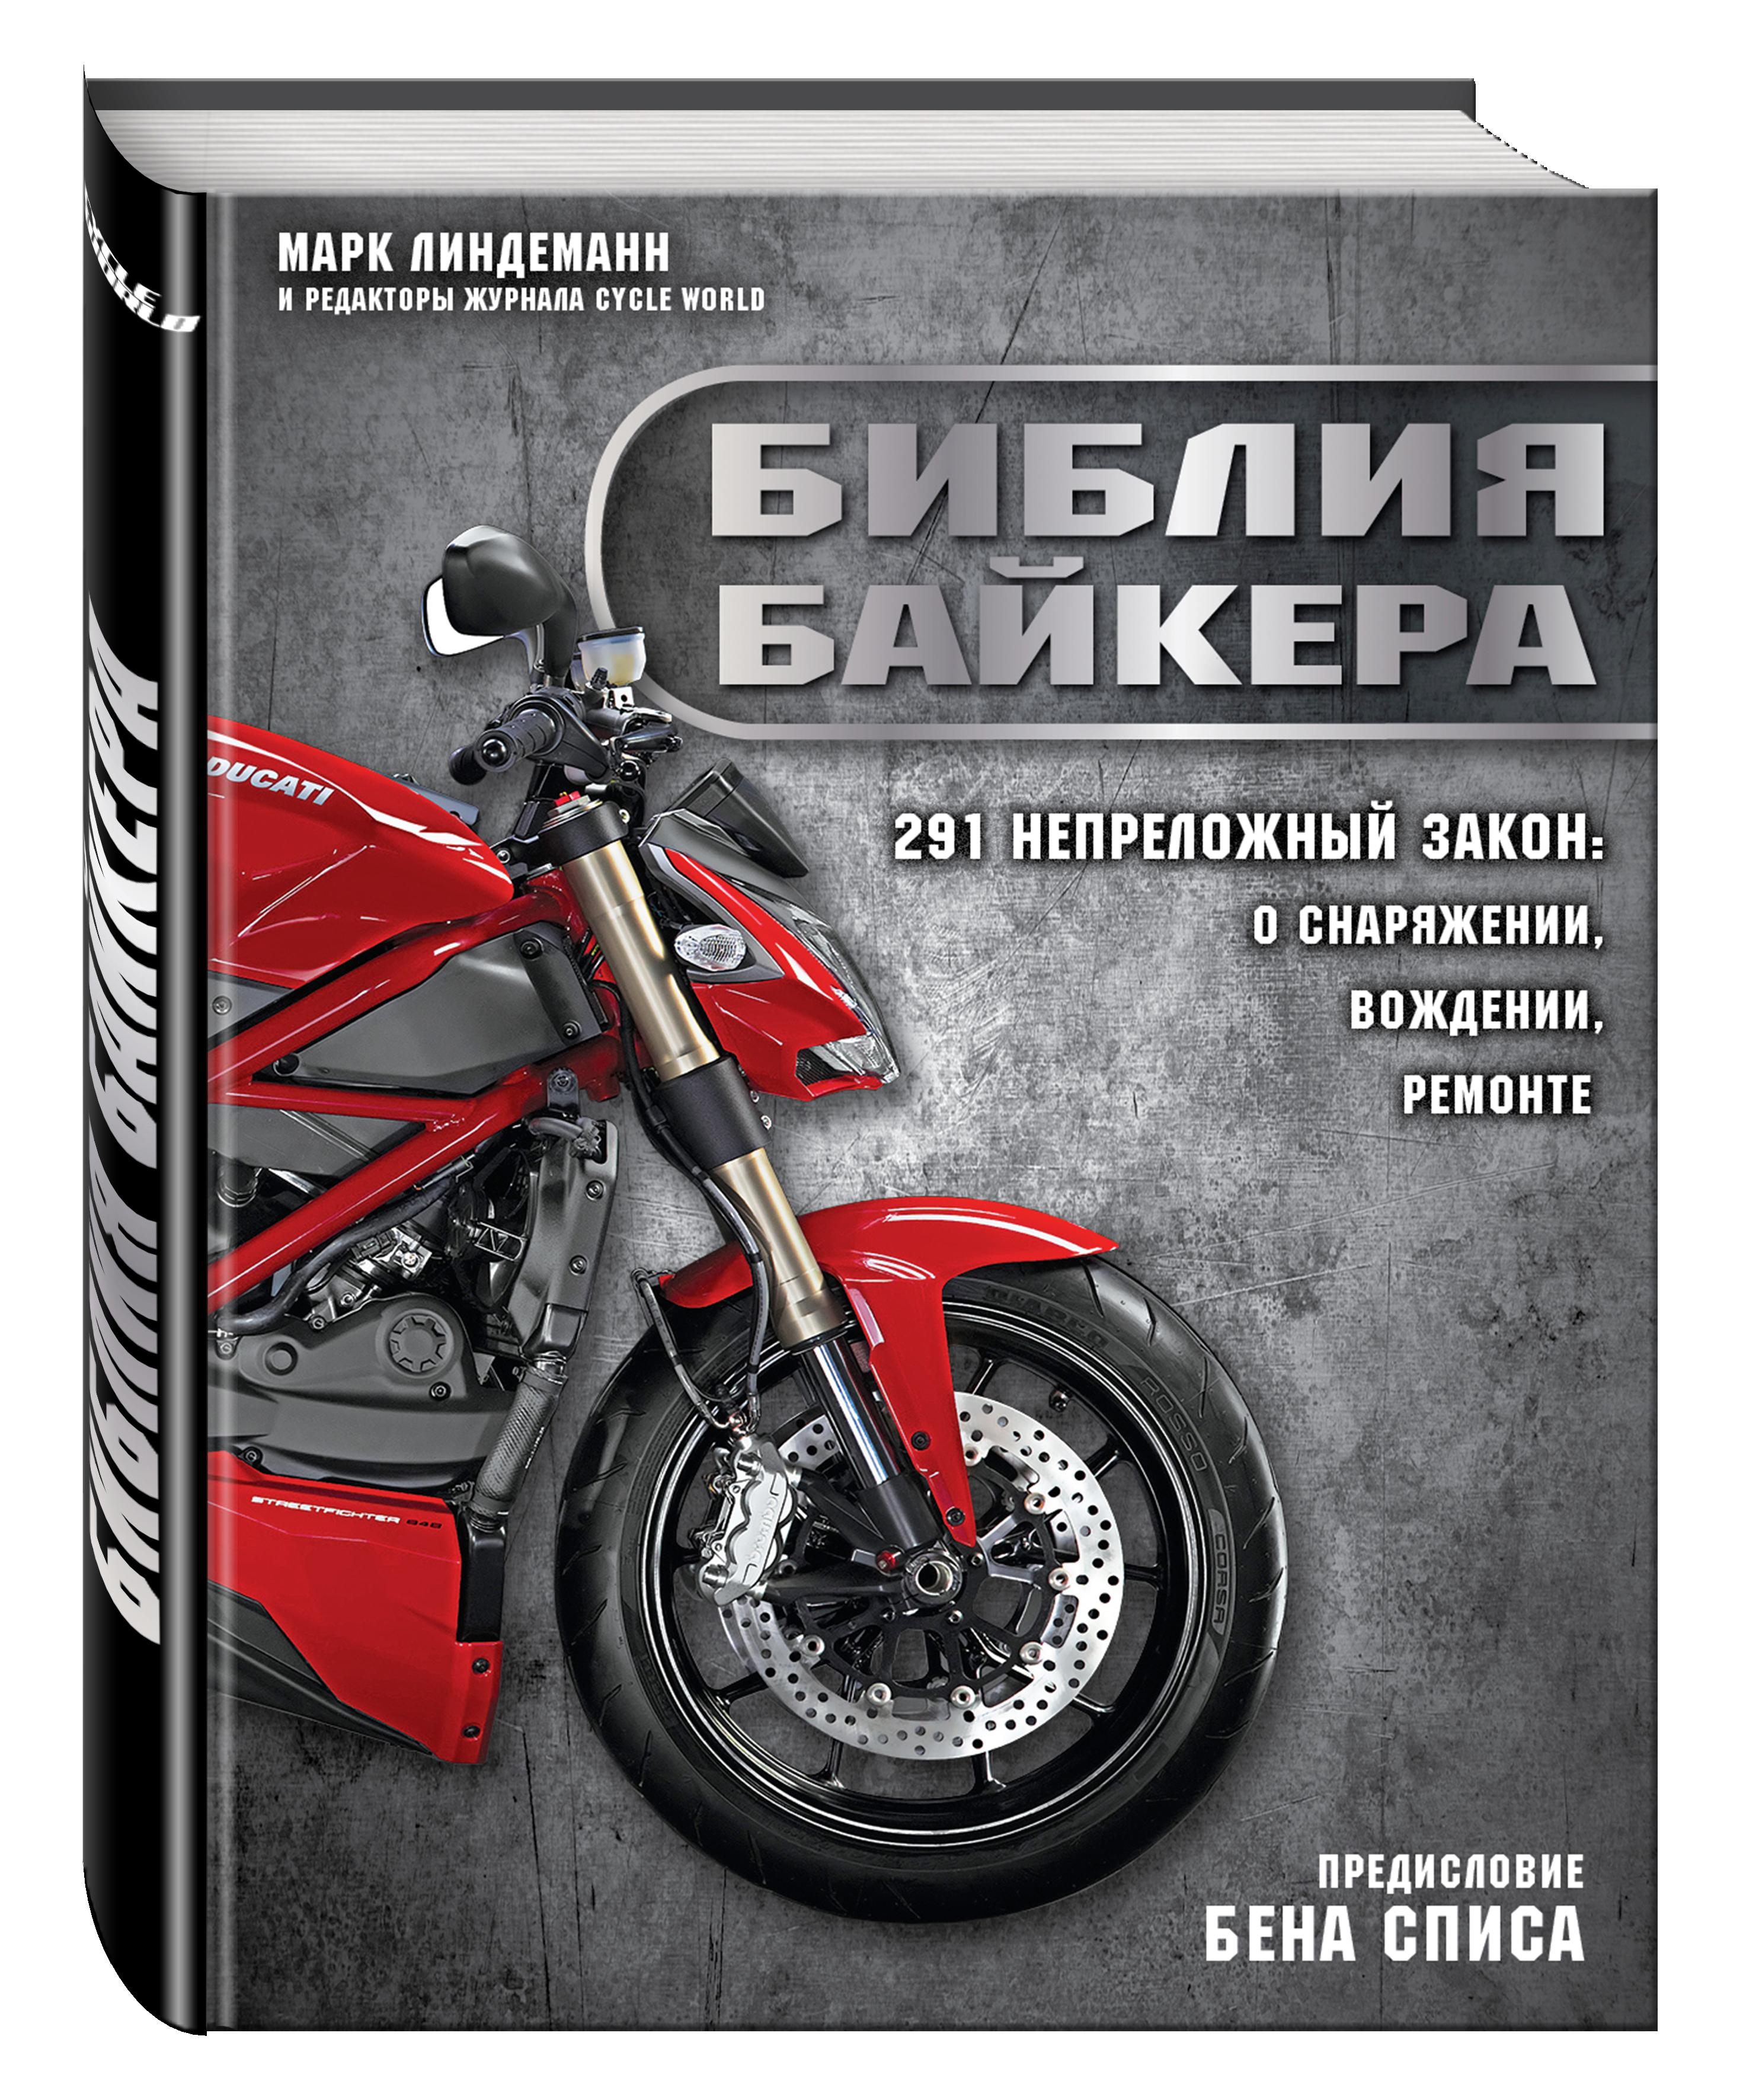 Библия байкера: 291 непреложный закон о снаряжении, вождении и ремонте от book24.ru